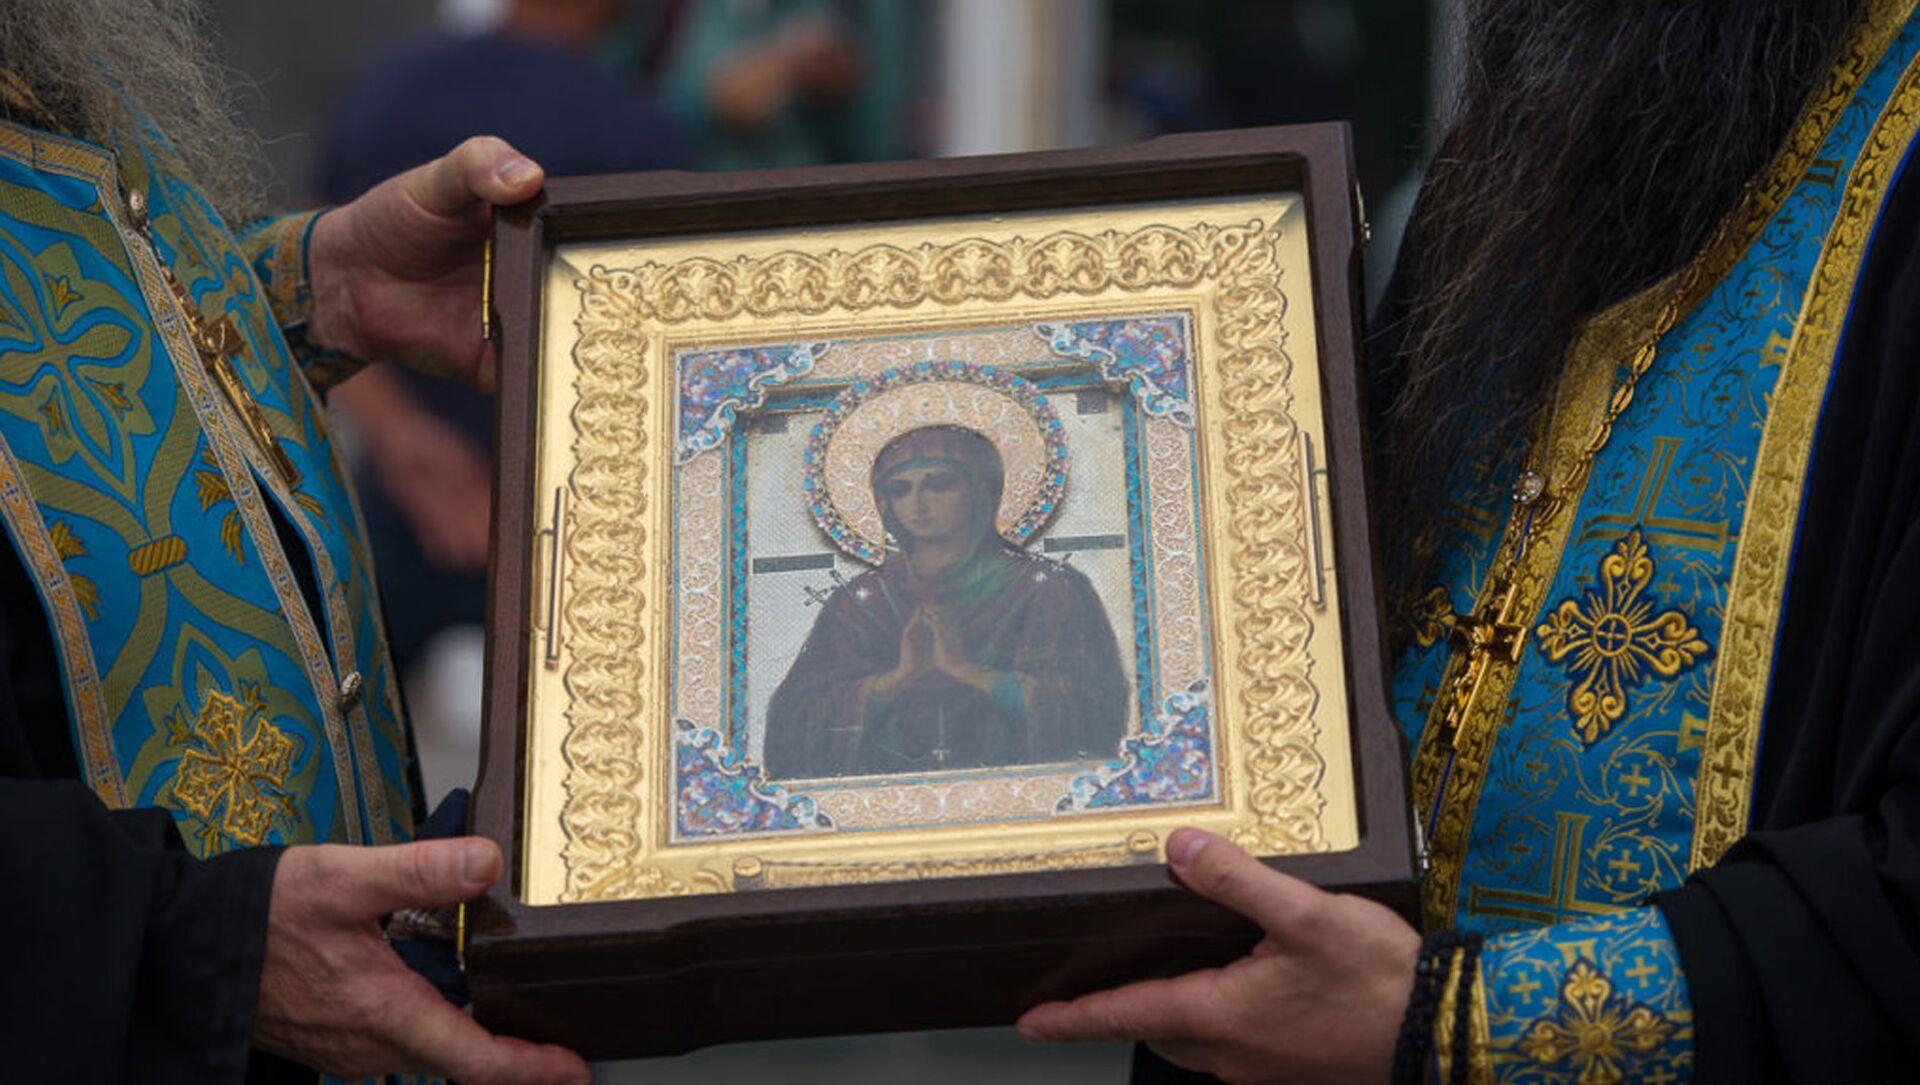 Икона Божией Матери Умягчение Злых Сердец (Семистрельная) прибыла в Северную Осетию - Sputnik Хуссар Ирыстон, 1920, 02.10.2021